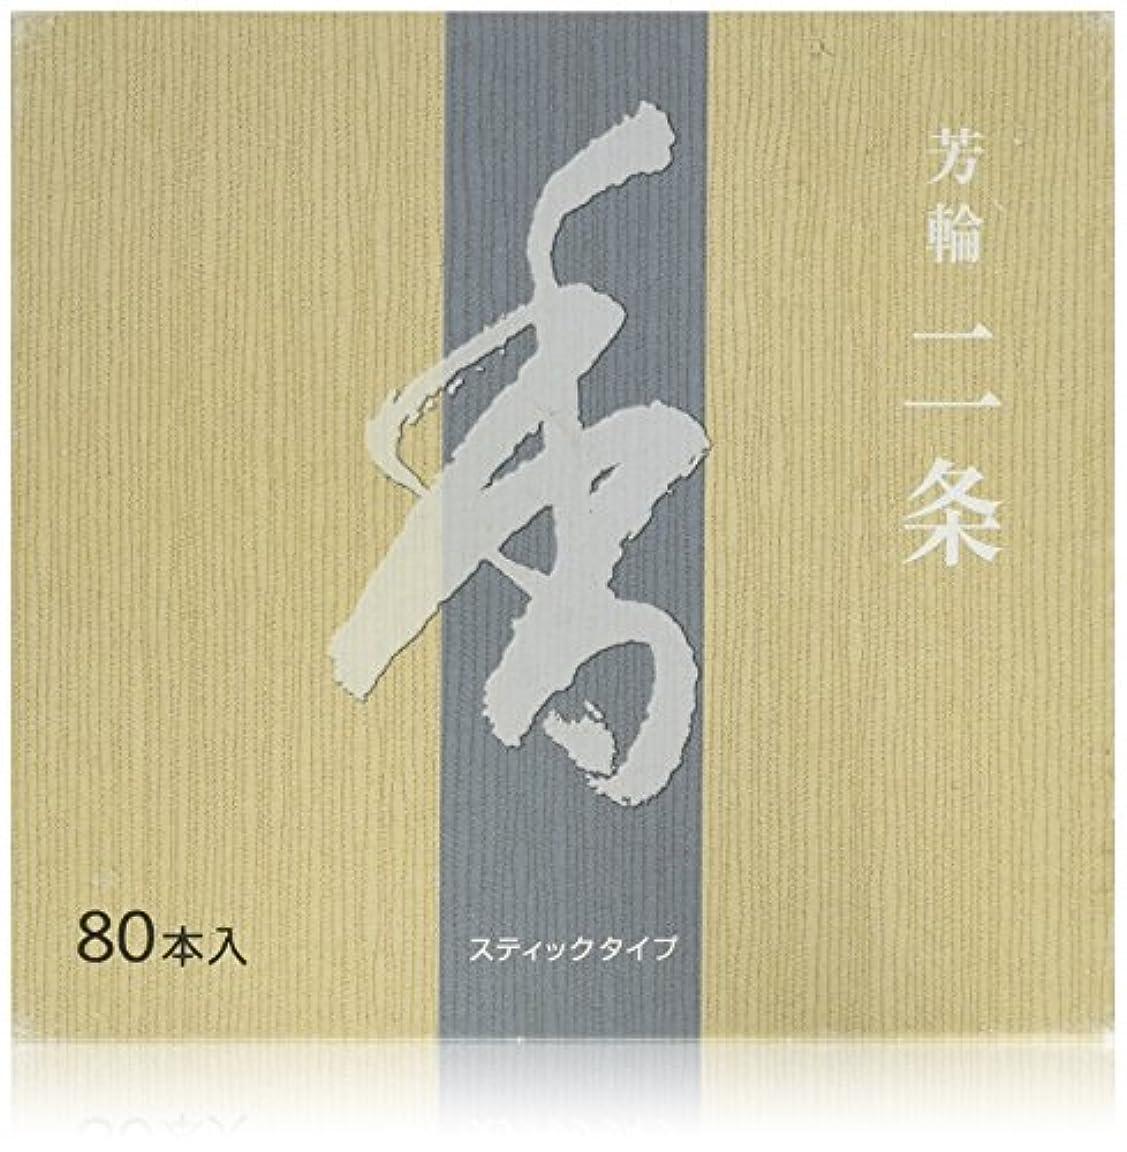 コーラスロマンチック理容師松栄堂のお香 芳輪二条 ST徳用80本入 簡易香立付 #210124